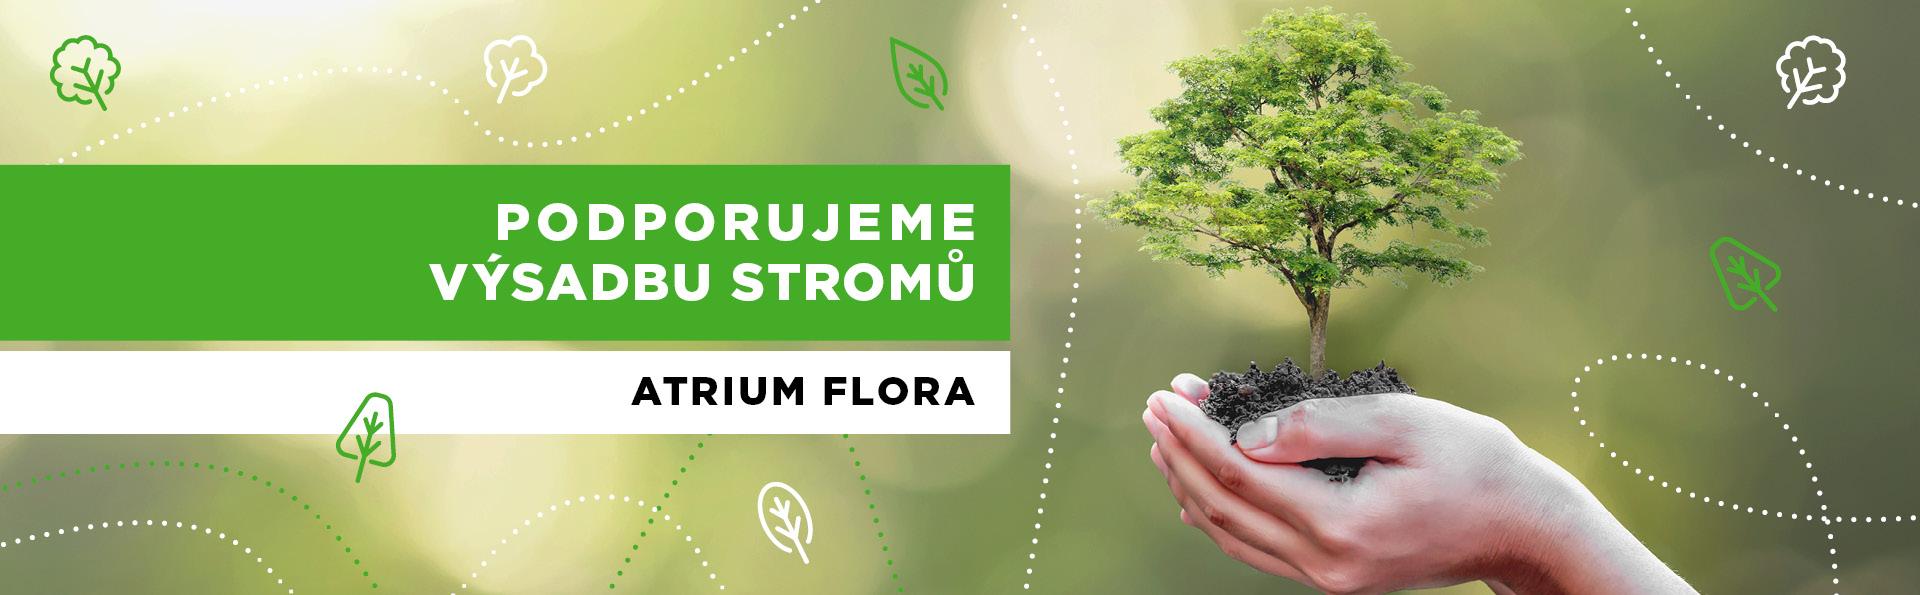 Podpořili jsme výsadbu stromů